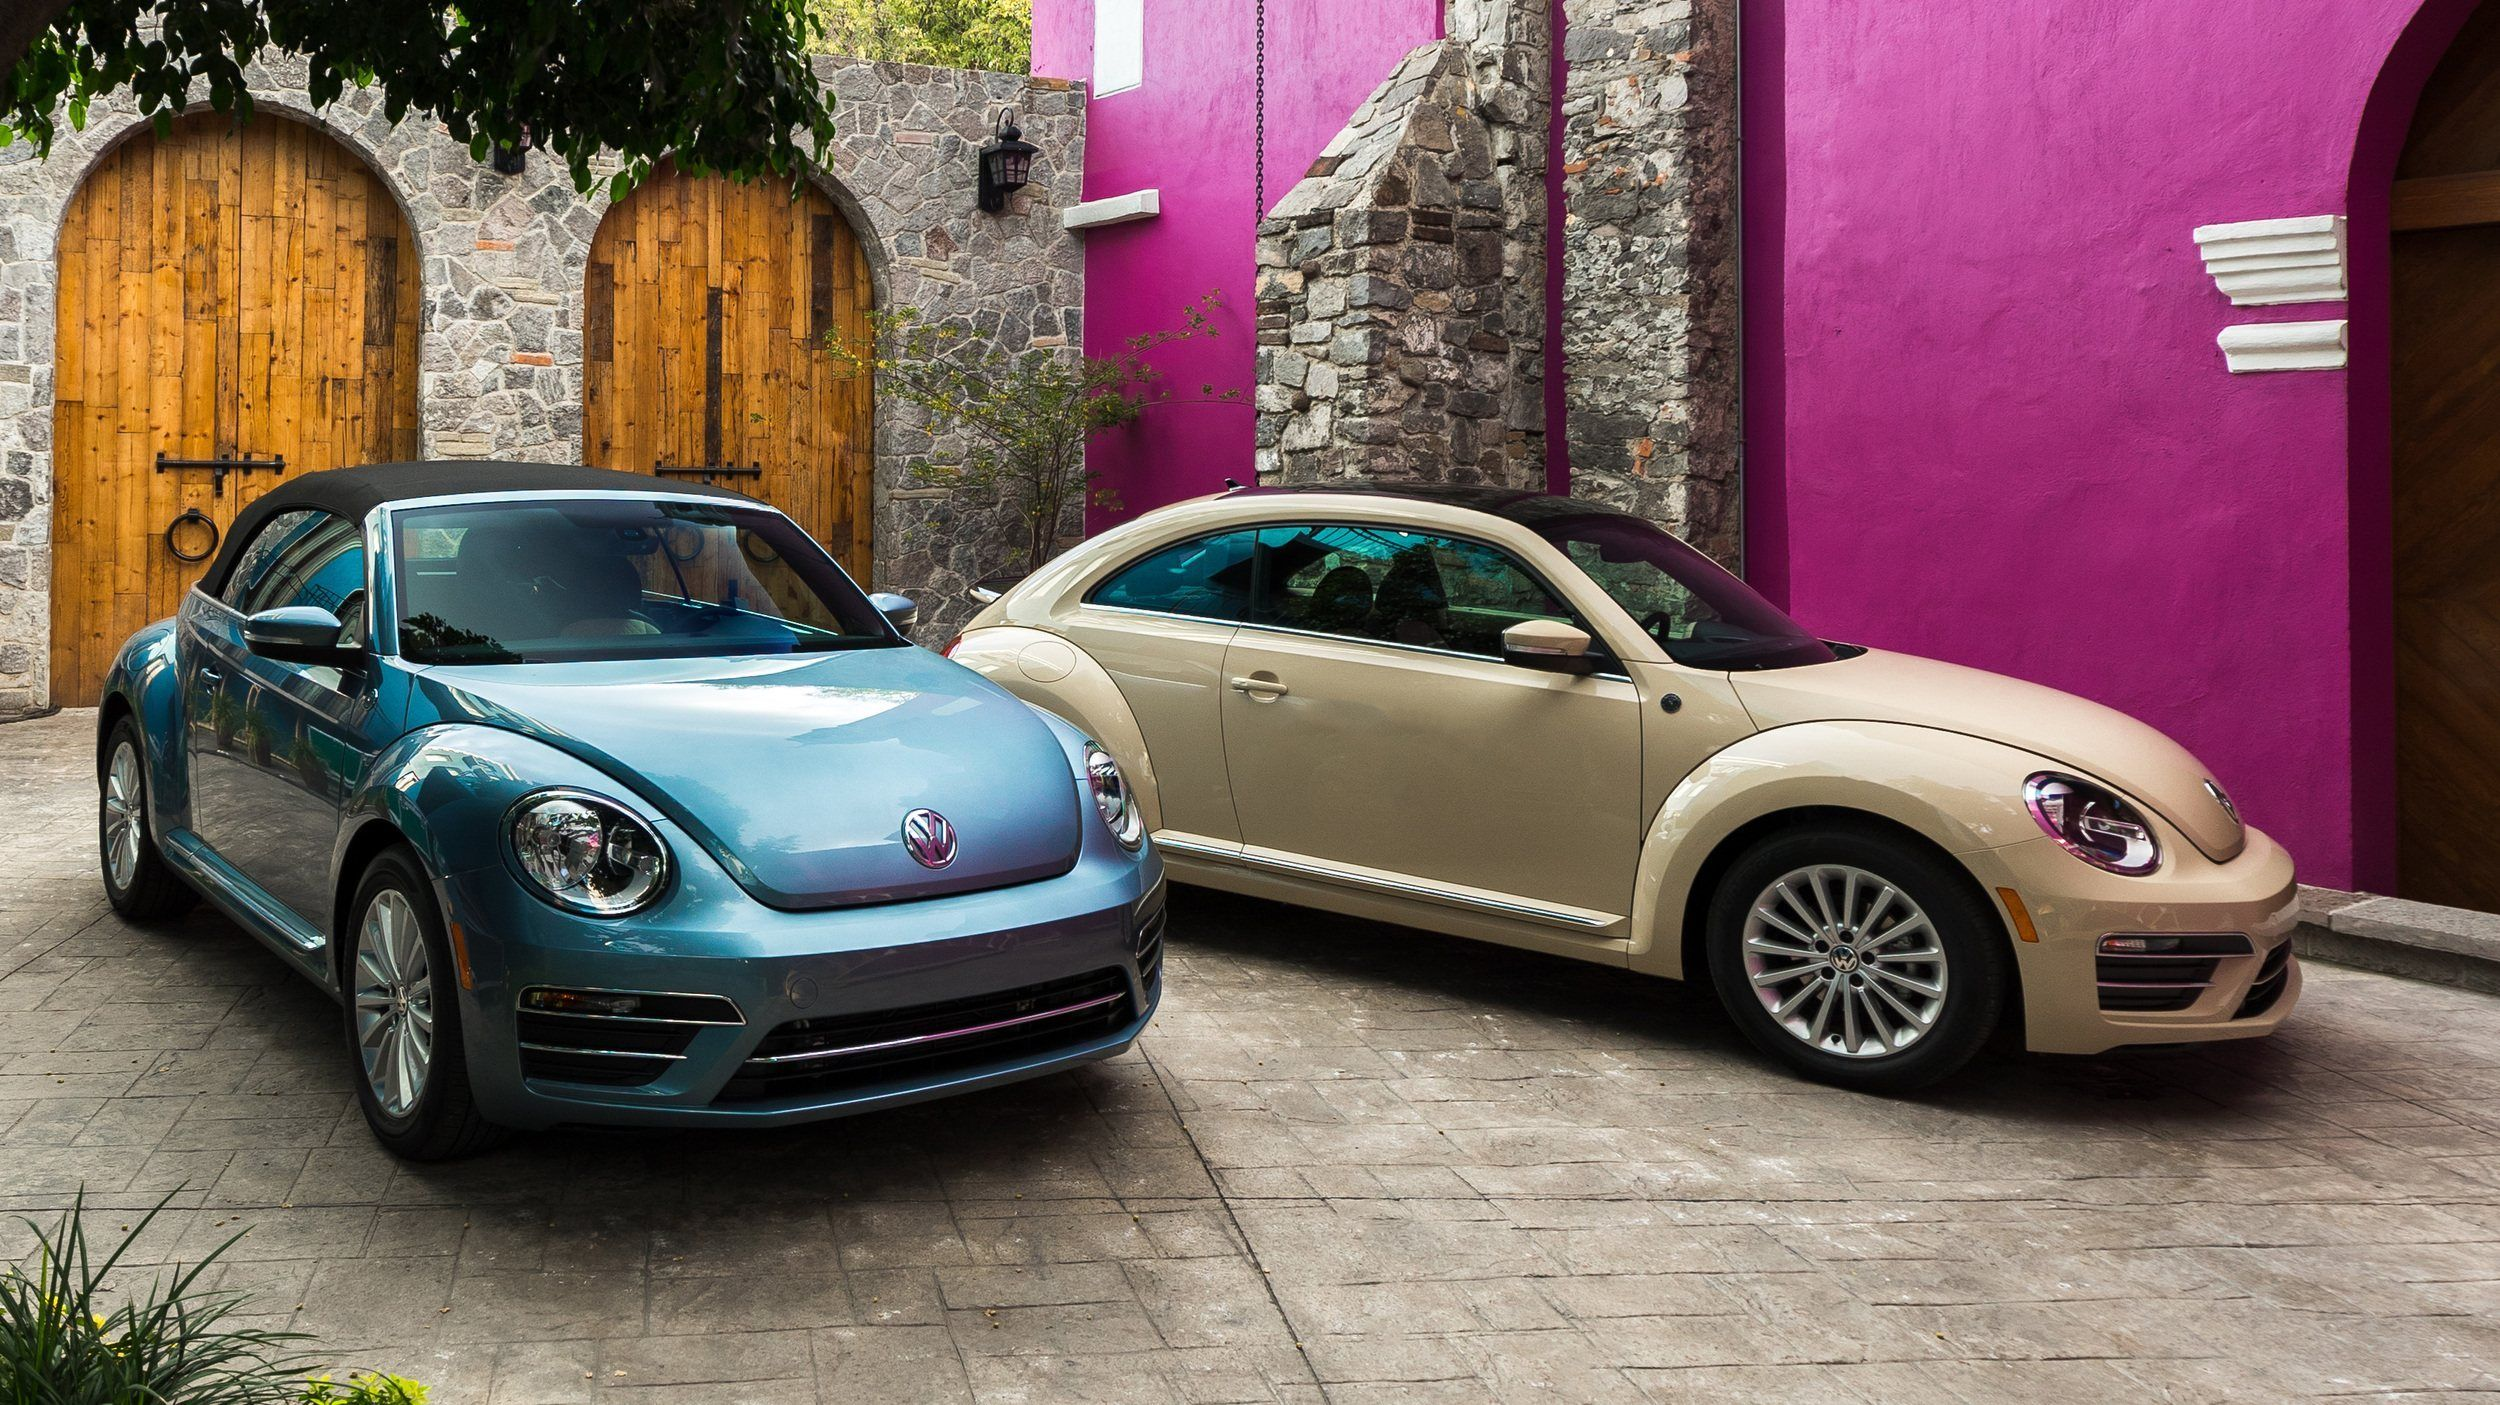 2021 Vw Beetle Dune Release Date And Concept In 2020 Vw Beetles Vw New Beetle Volkswagen Beetle Convertible